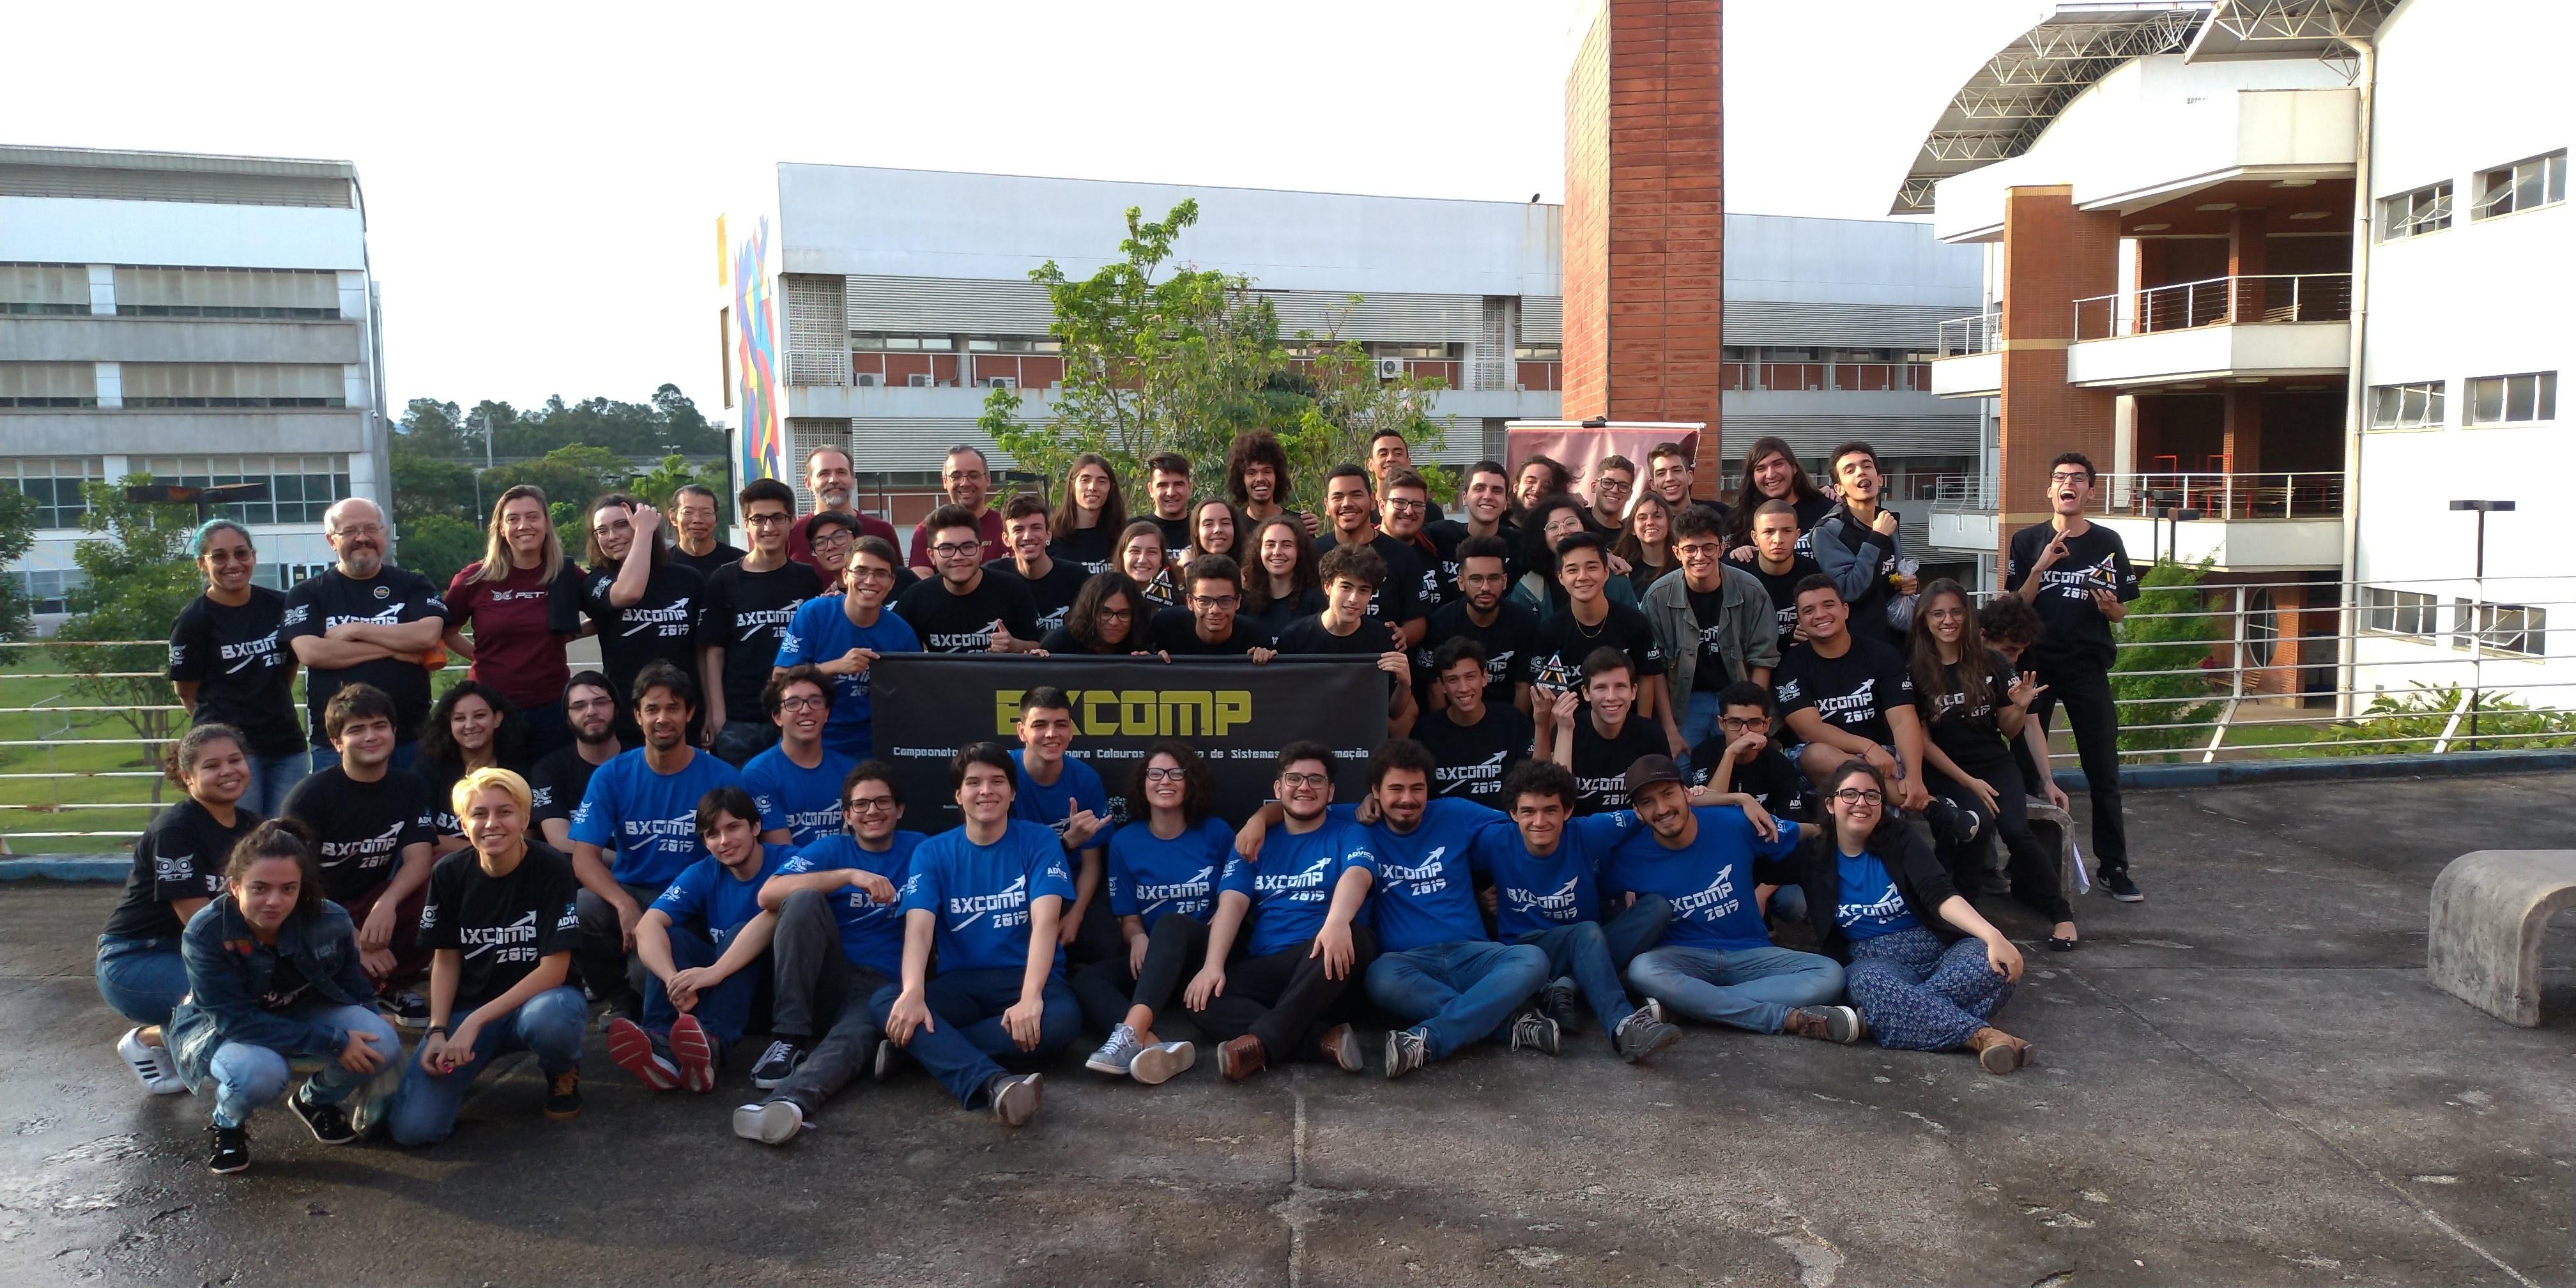 FIM DO BXCOMP 2019